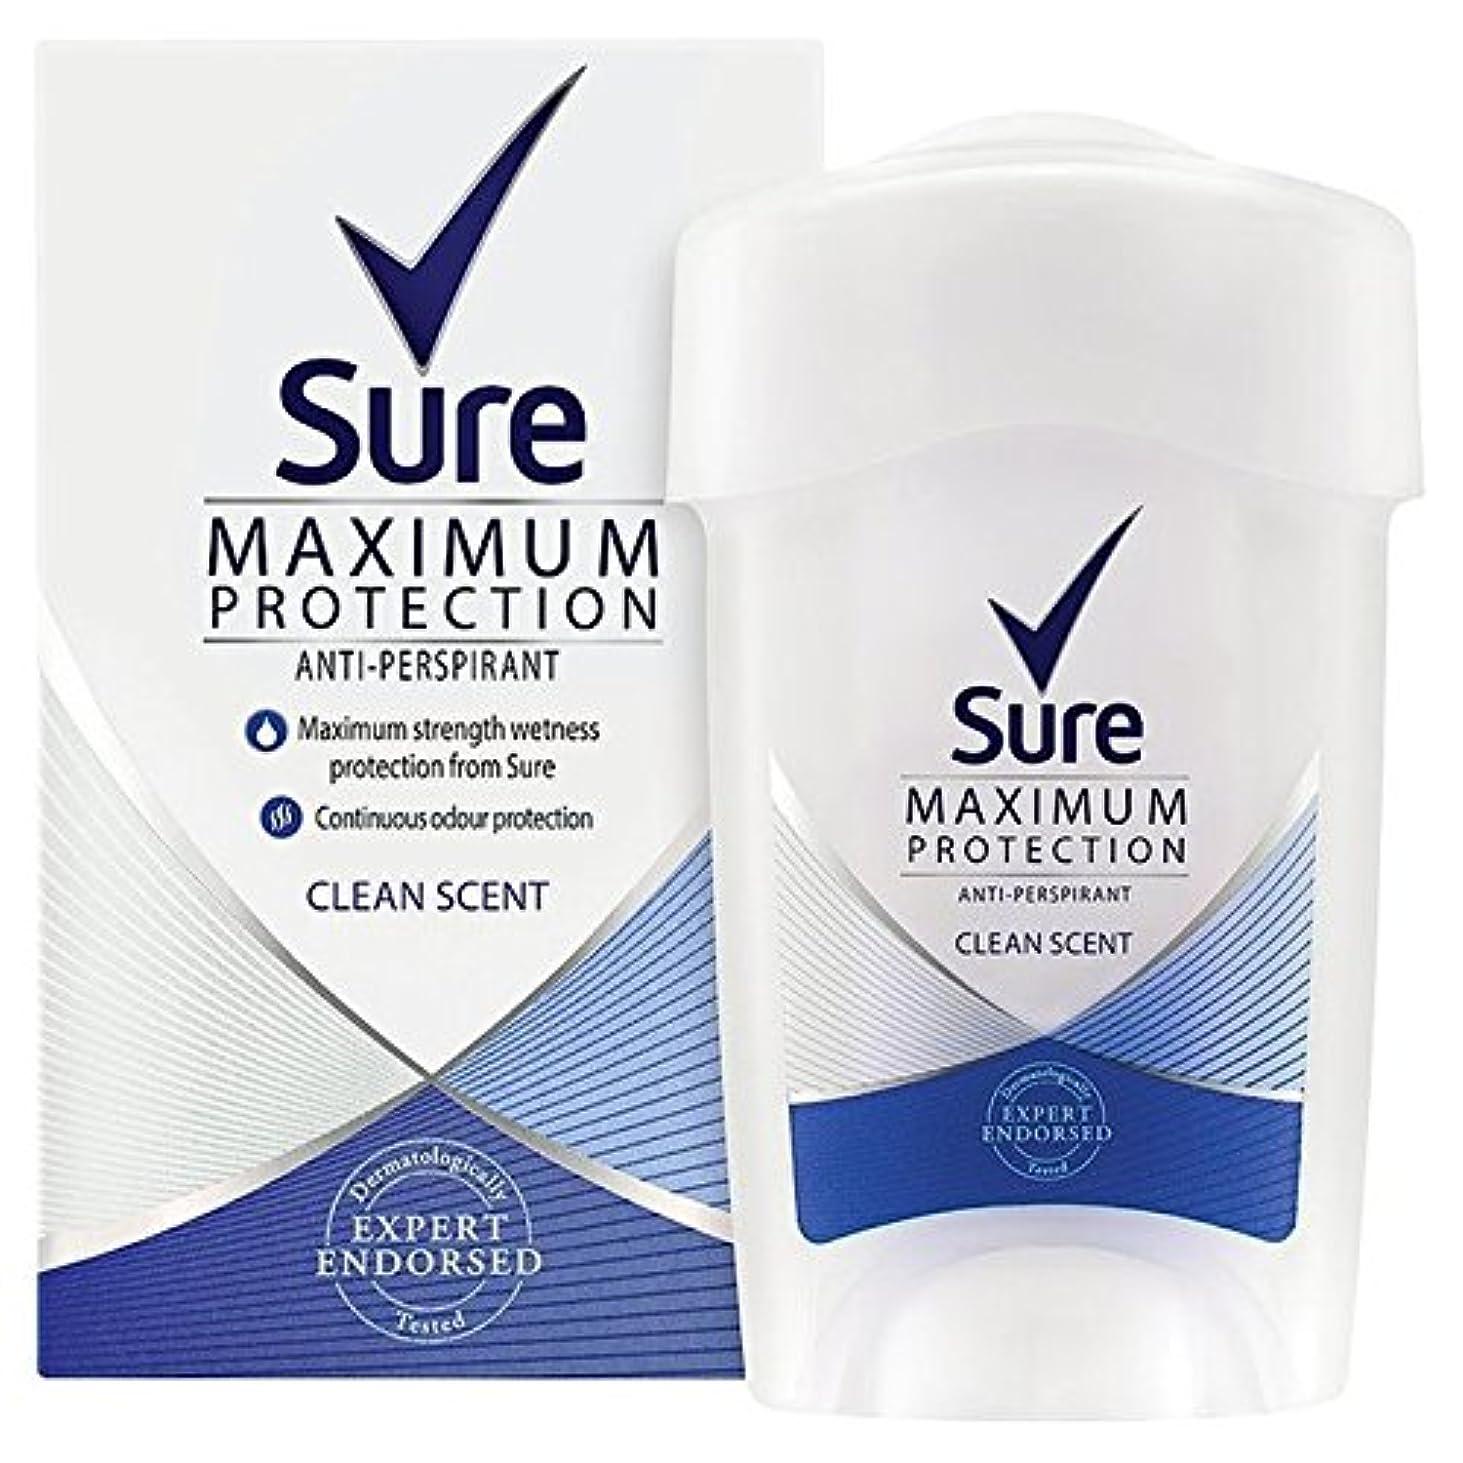 熱帯のディスク敷居女性の最大の保護クリーンな香りのクリーム制汗デオドラント45ミリリットルを確認してください x2 - Sure Women Maximum Protection Clean Scent Cream Anti-Perspirant Deodorant 45ml (Pack of 2) [並行輸入品]